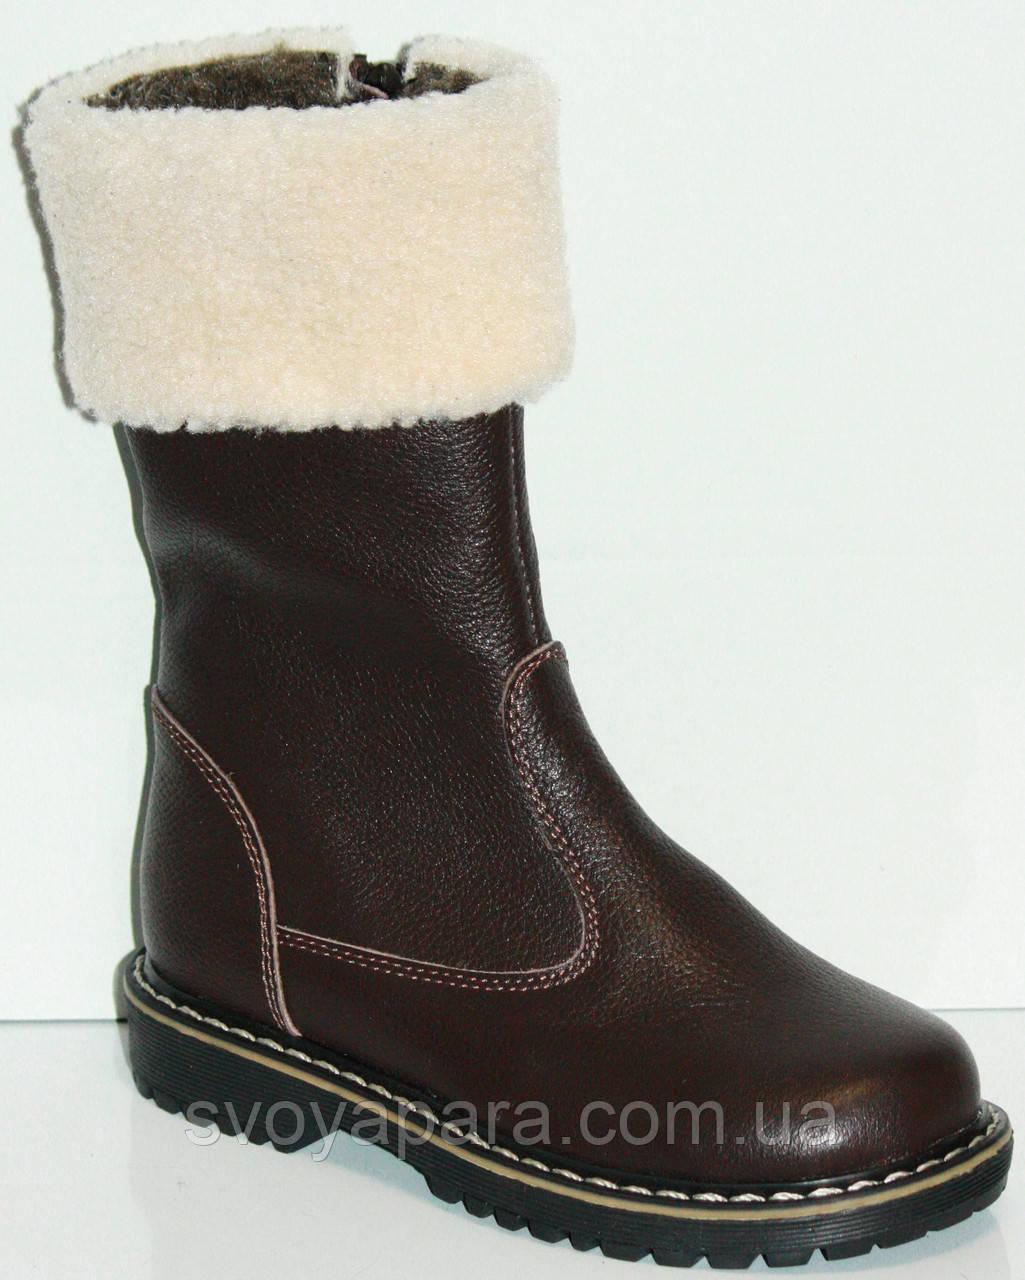 fd2aa3835bcf8c Сапоги зимние кожаные коричневые для девочки на термополиэстеровой подошве  с молнией с подкладкой из шерсти -